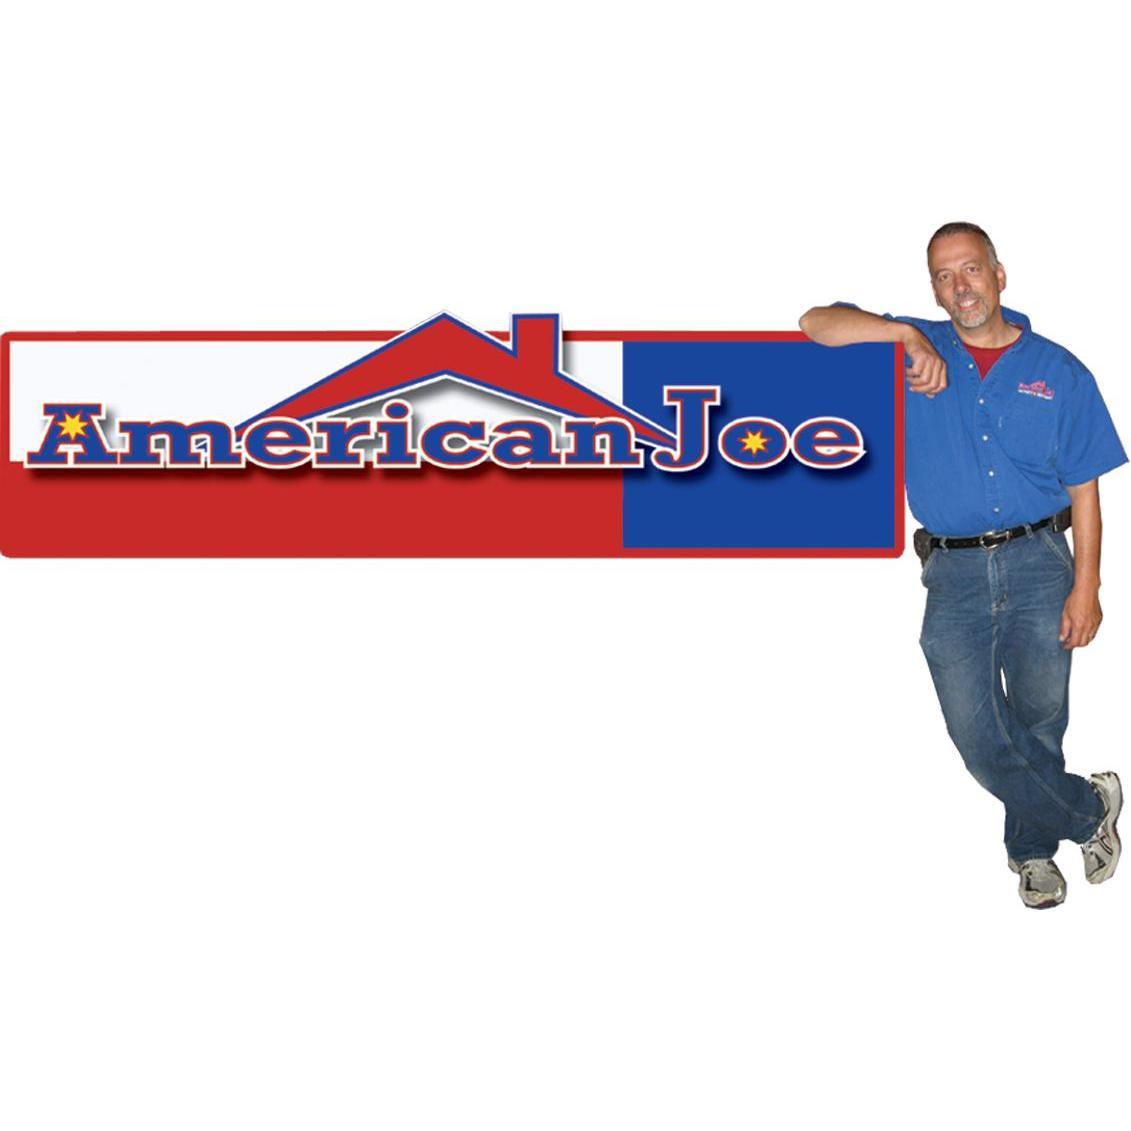 American Joe Plumbing Repair & Handyman image 0